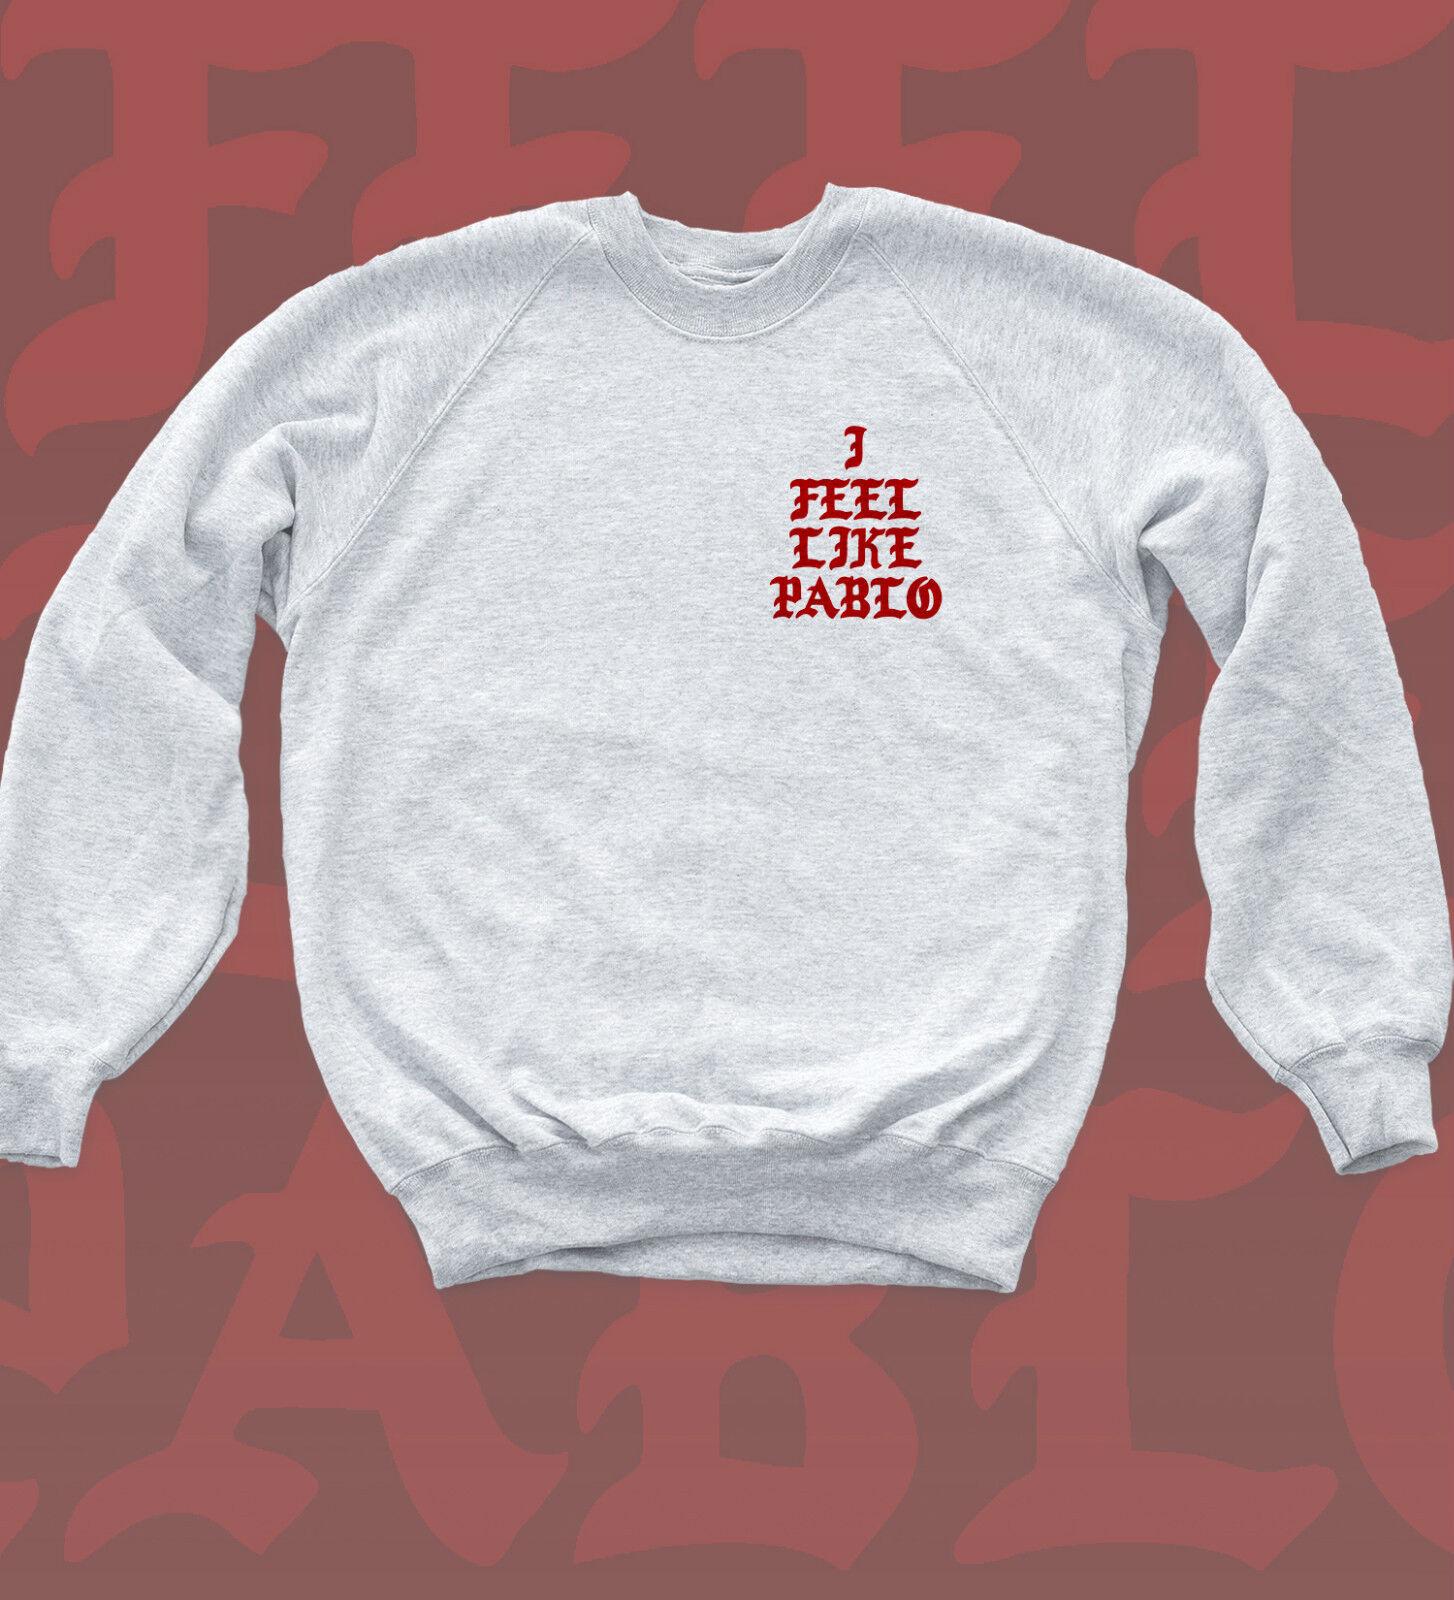 I Feel Like Pablo Sweatshirt Kanye Light Beam Chest Print Jumper Music Bey Top  | Viele Sorten  | Innovation  | Sehen Sie die Welt aus der Perspektive des Kindes  | Abrechnungspreis  | New Style